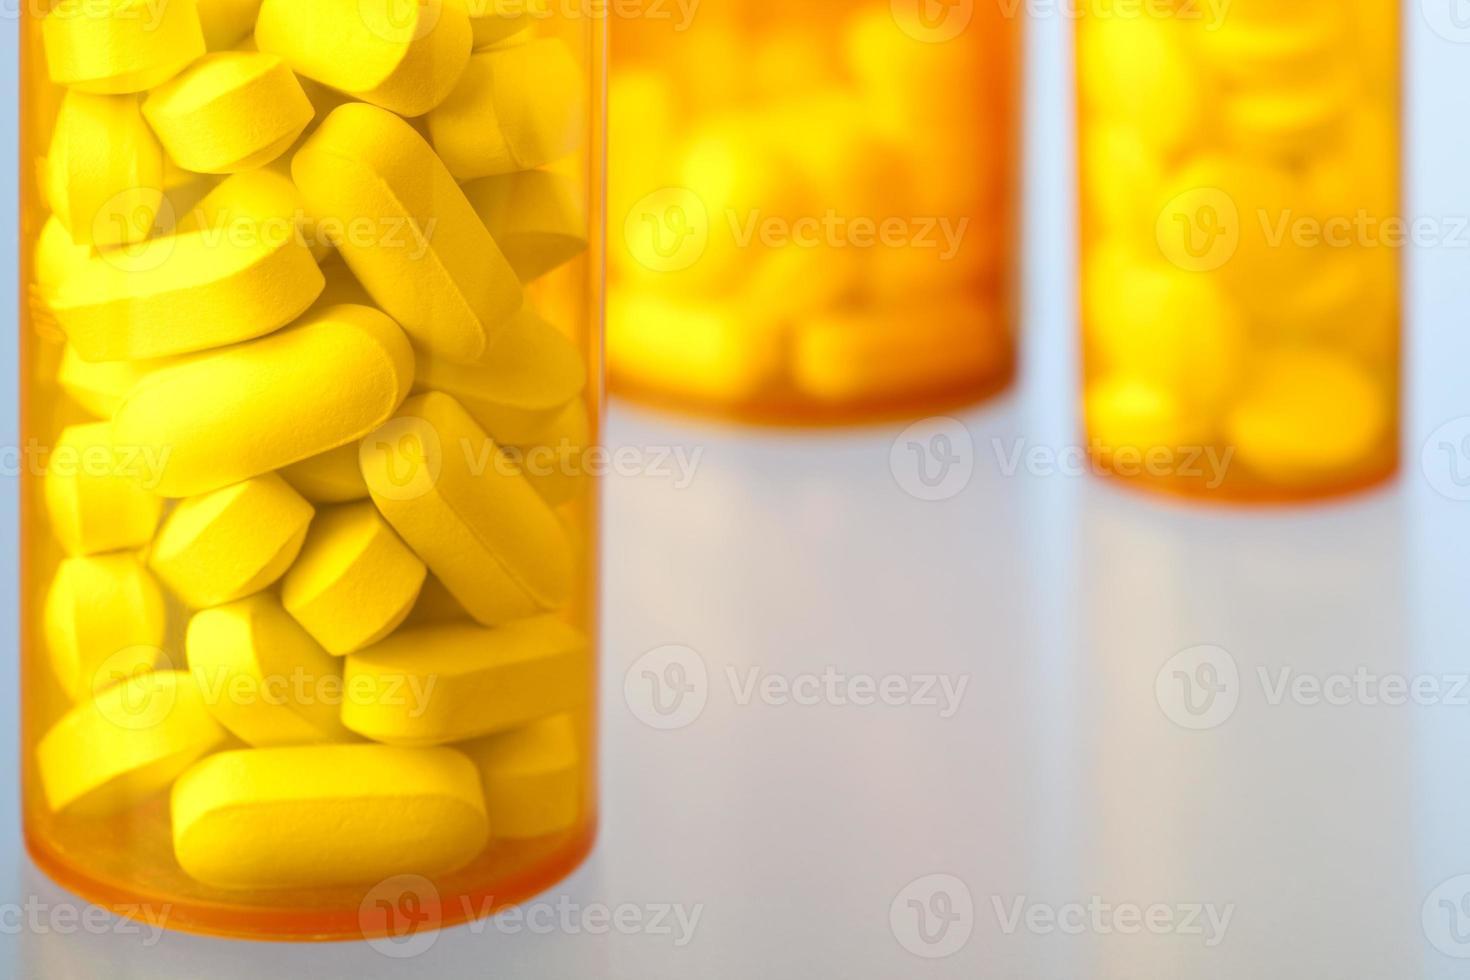 primo piano di bottiglie di medicina di prescrizione contenenti pillole e compresse foto